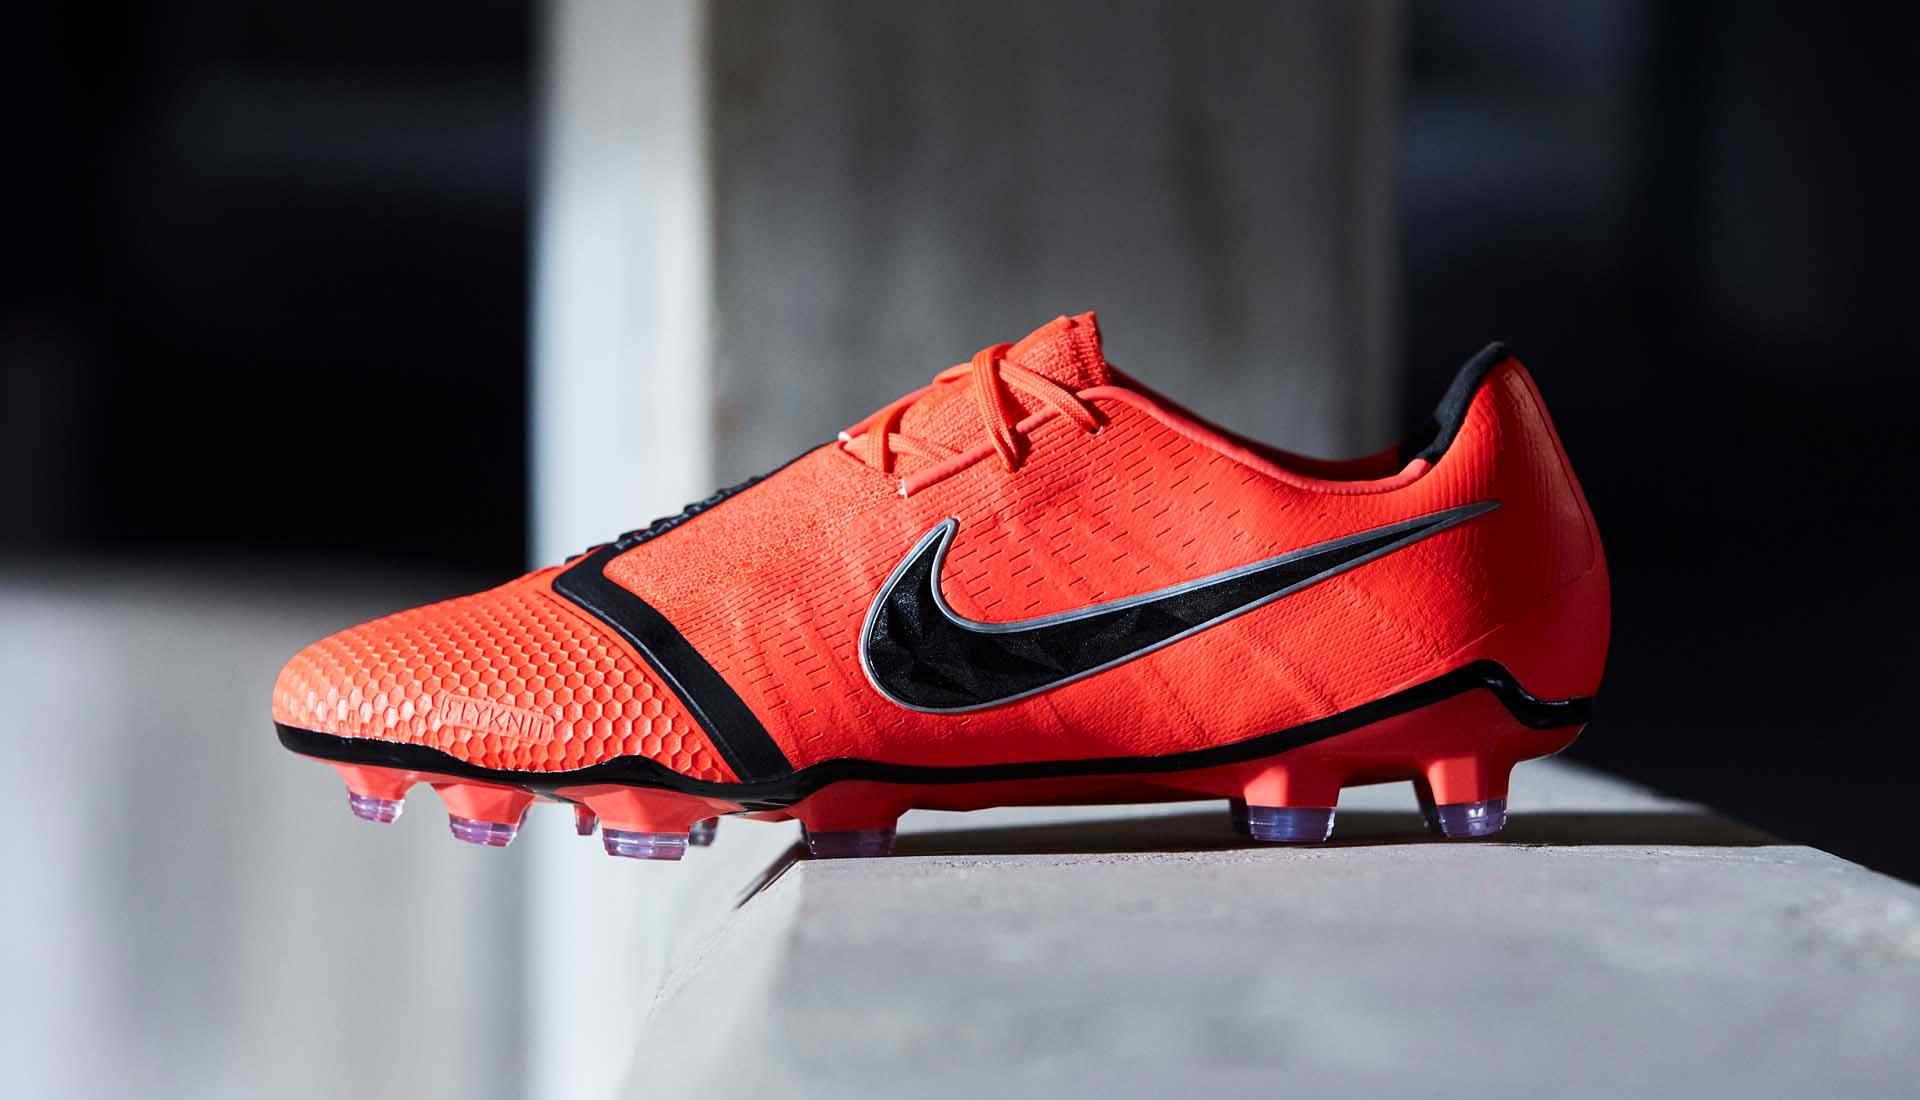 Giày đá bóng fake hay chính hãng làm bằng da nhân tạo Synthetic đều có nguồn gốc da giống nhau nhưng chất lượng da khác nhau